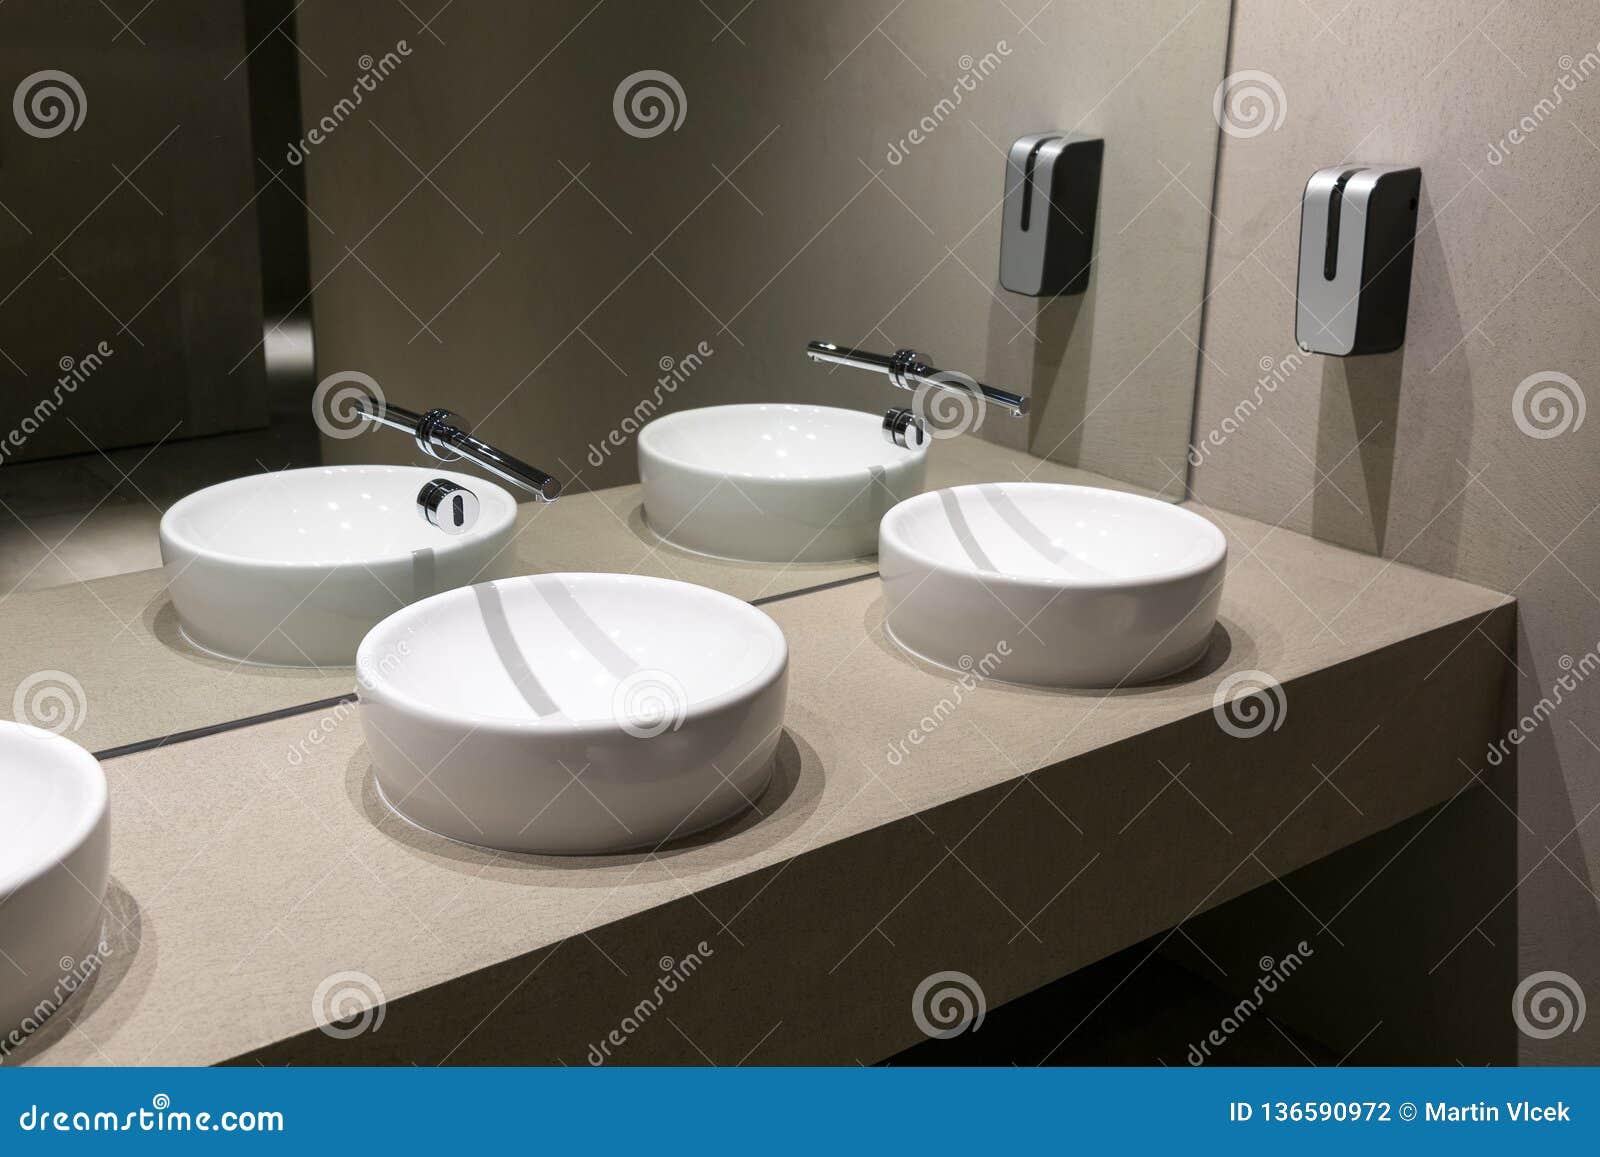 Public Toilet With Modern Wash Basins Stock Photo Image Of White Public 136590972